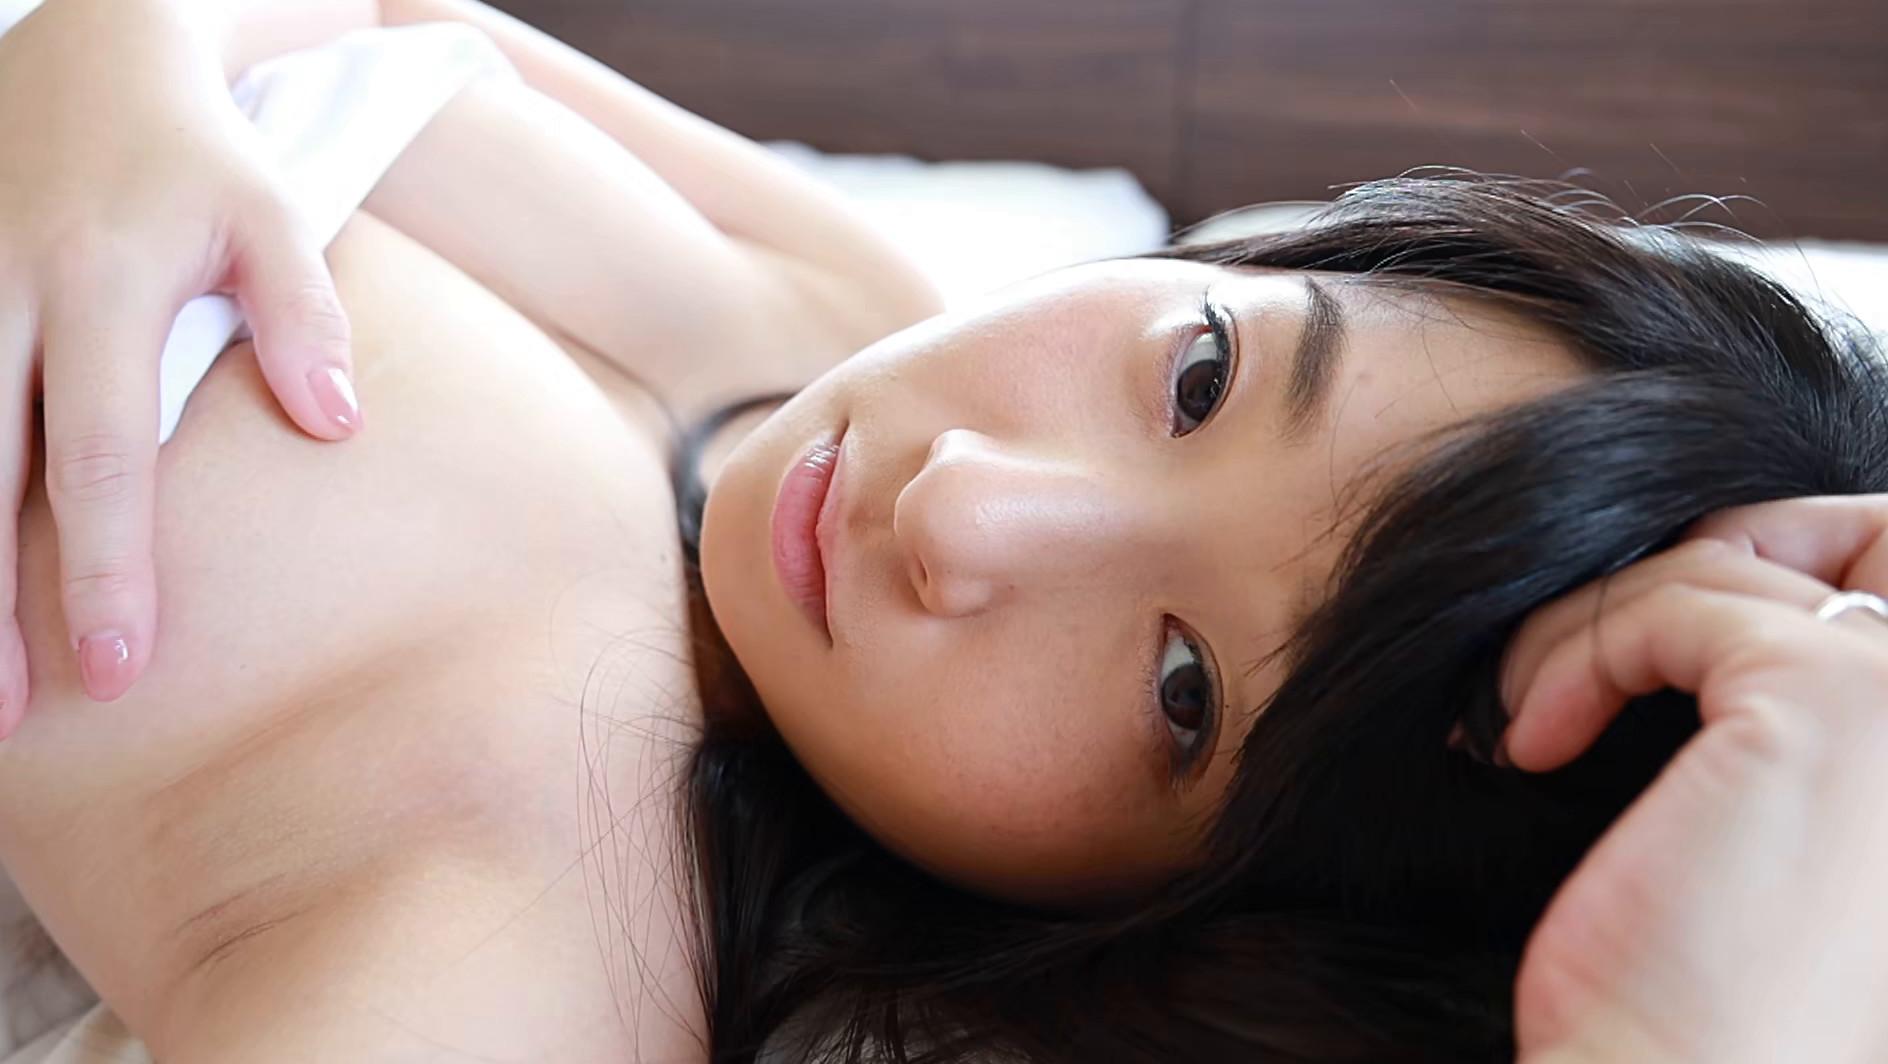 るいいろ 桐山瑠衣14